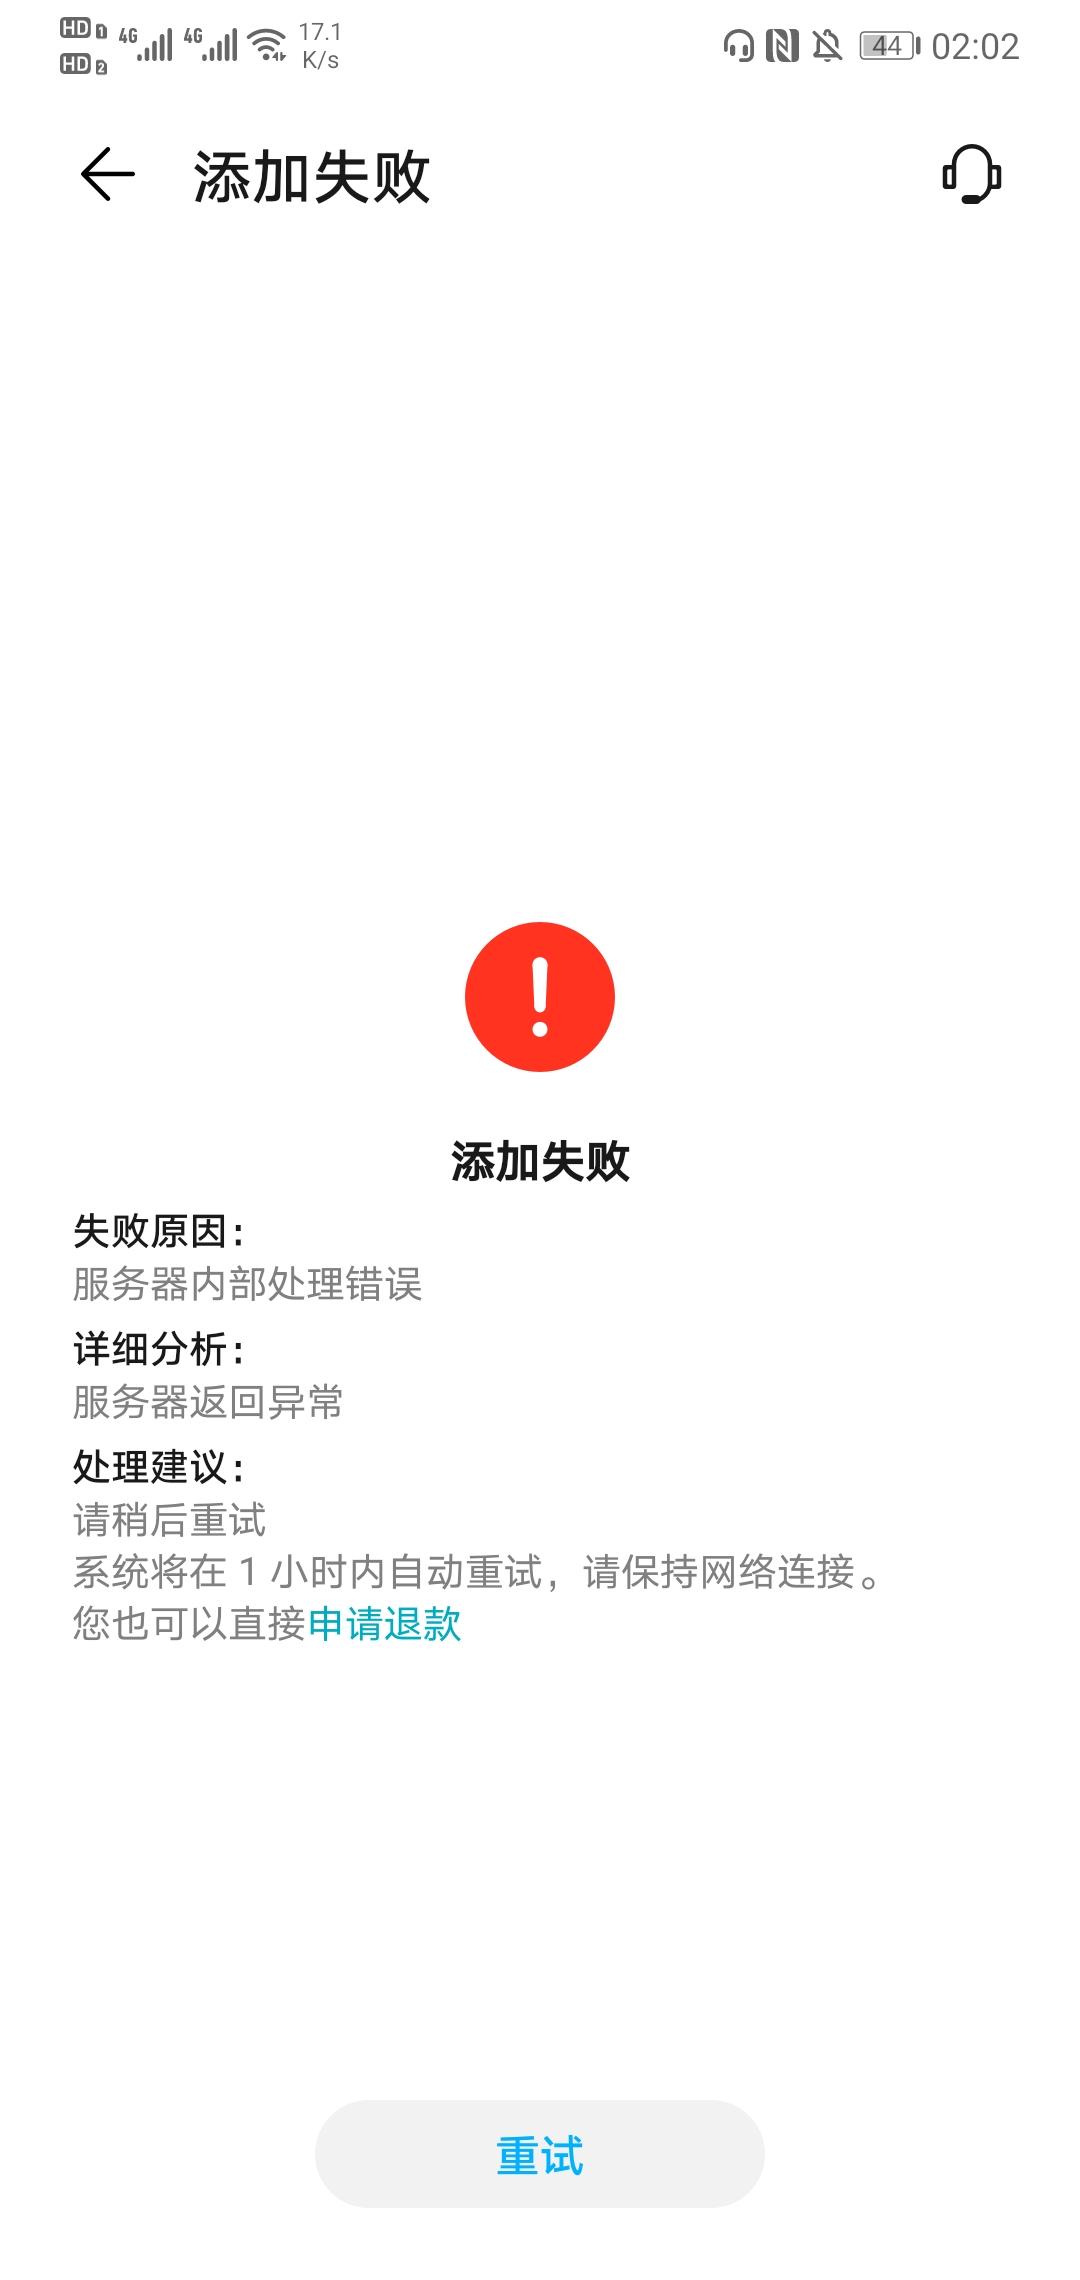 Screenshot_20200325_020208_com.huawei.wallet.jpg